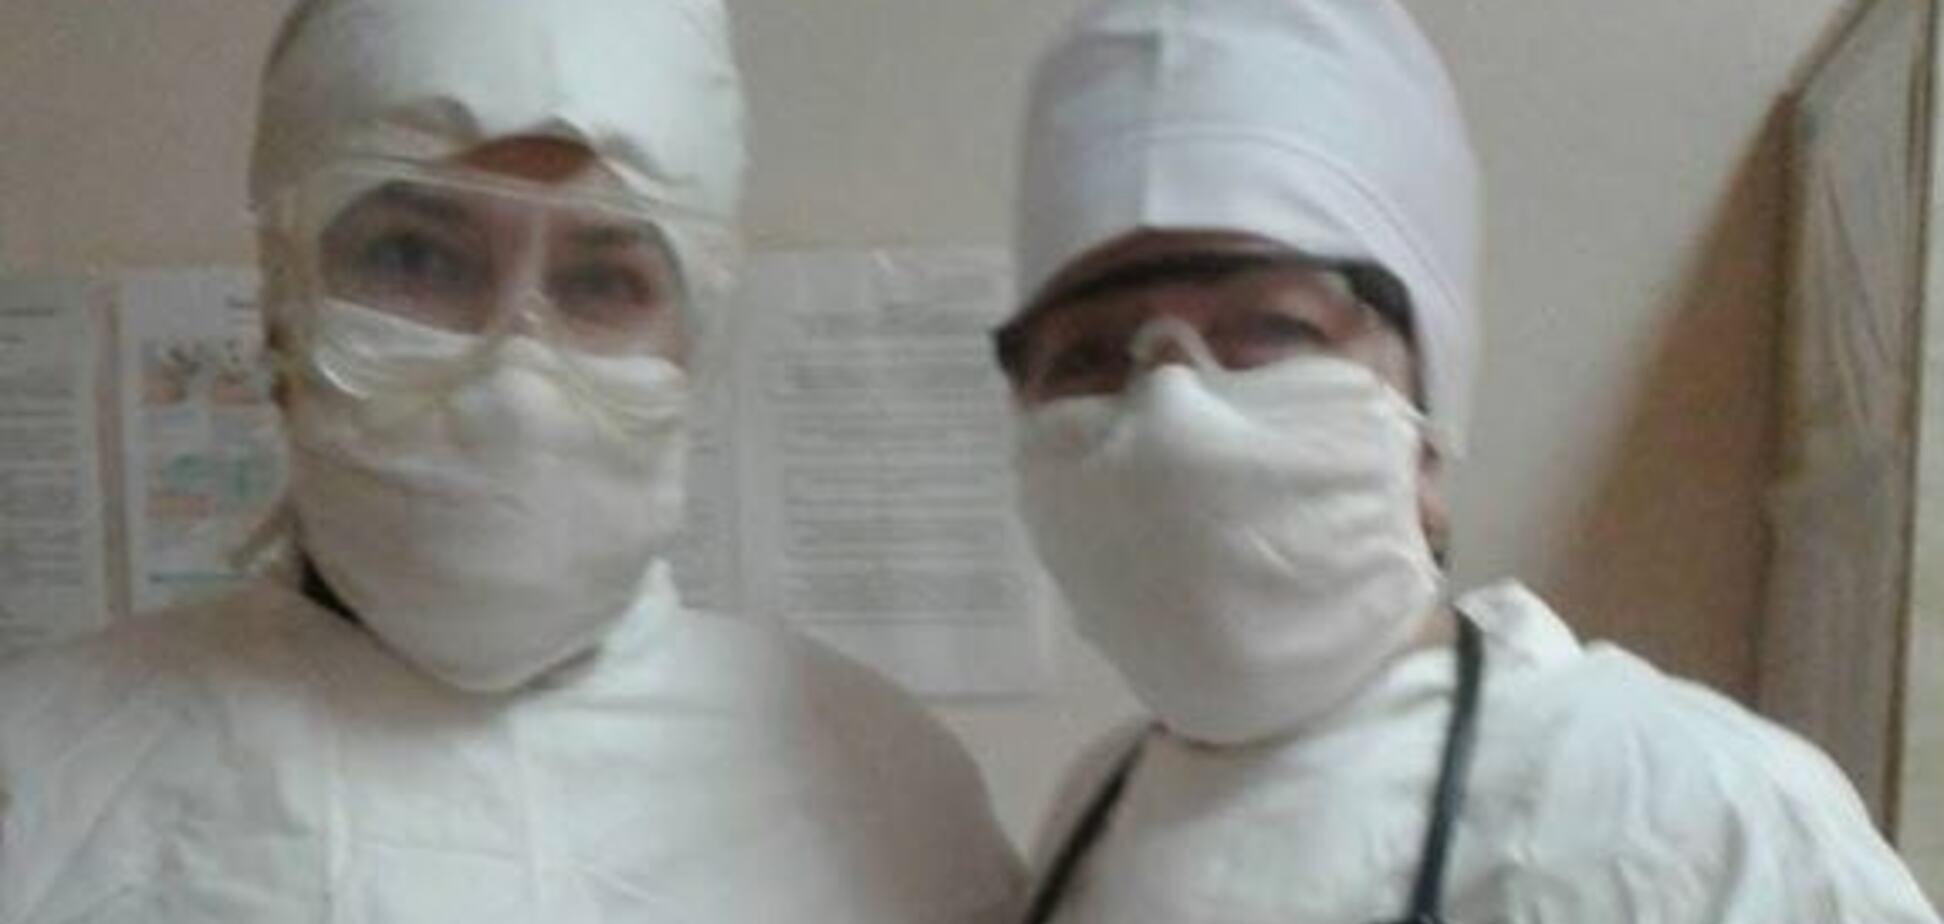 Замість захисних костюмів - старі радянські халати: так виглядають лікарі майже по всій Україні